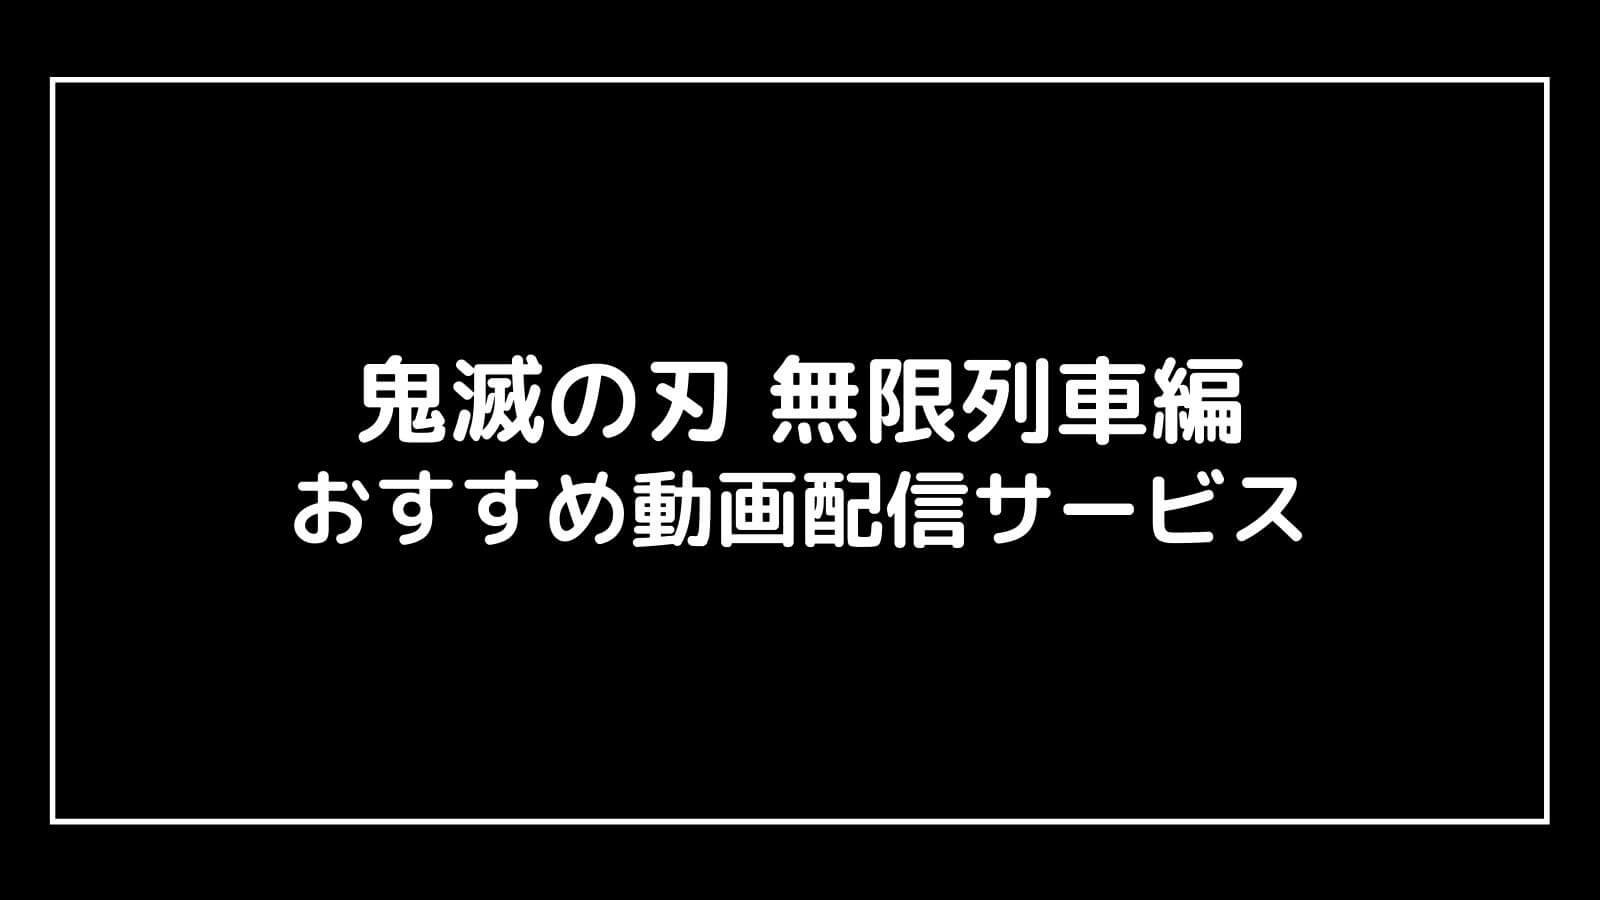 映画『鬼滅の刃 無限列車編』を無料視聴できる動画配信サービスまとめ【テレビアニメも無料】